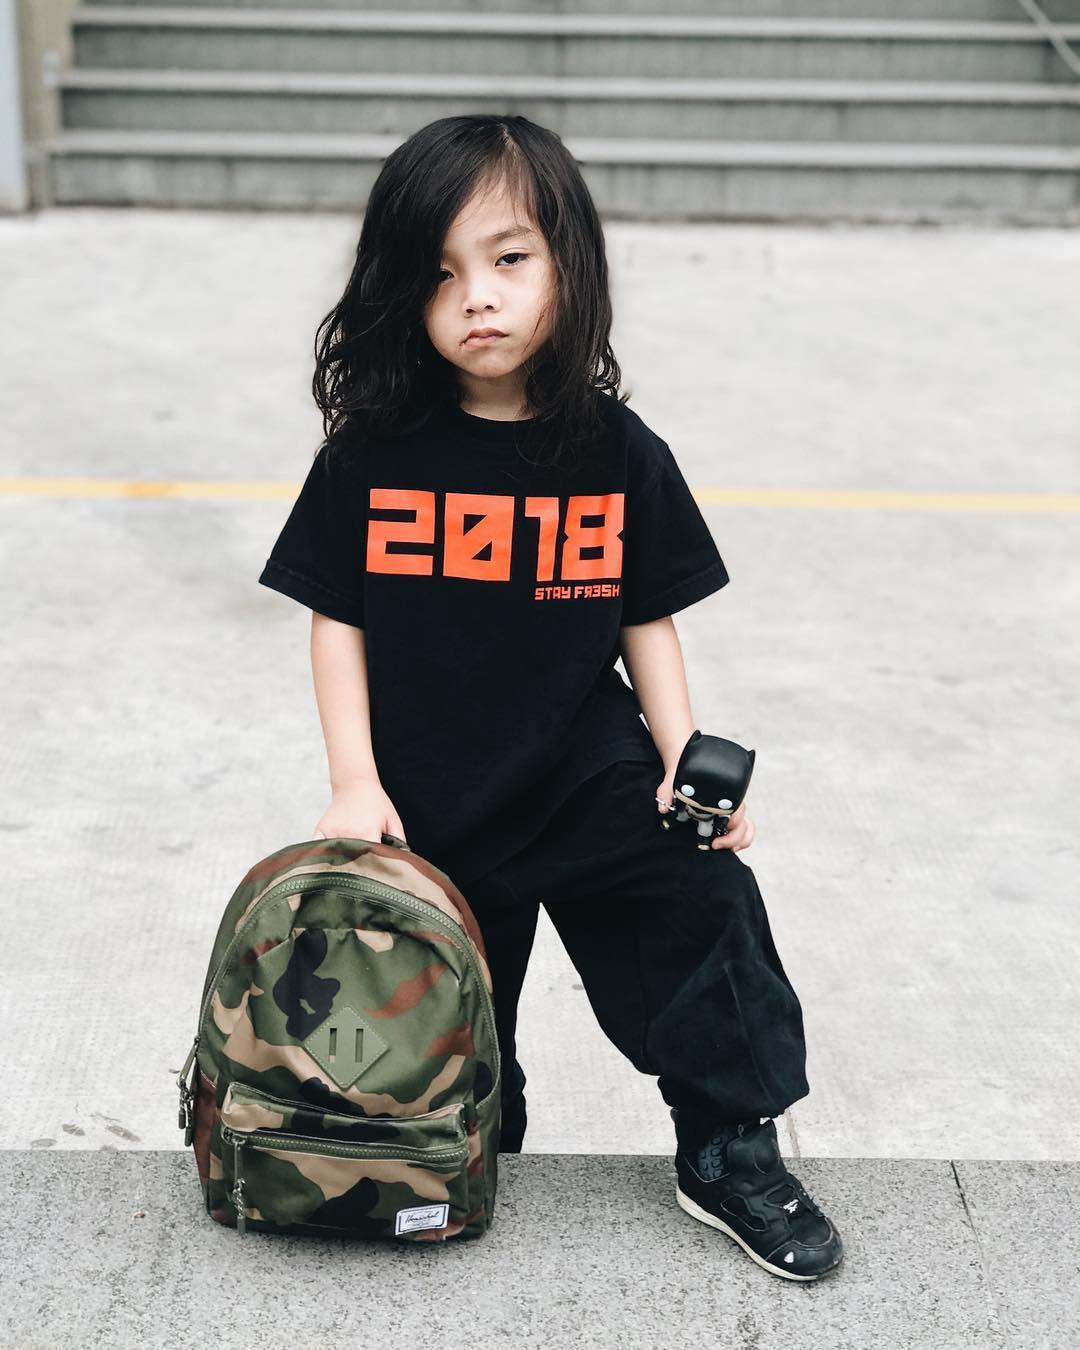 Con đạo diễn Việt Max có follow trên Instagram cao gấp đôi bố mẹ, thường xuyên bị nhầm là con gái vì lý do này! - Ảnh 8.